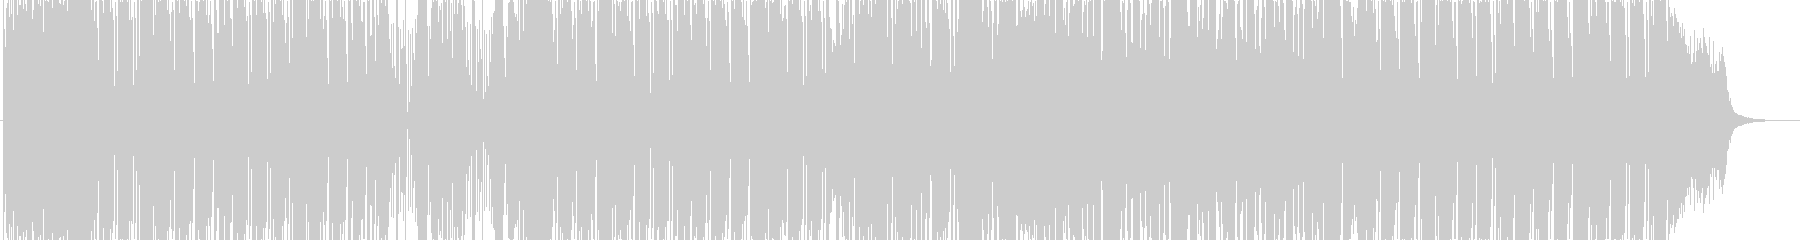 都会的でロボット風のDubstepEDMの未再生の波形